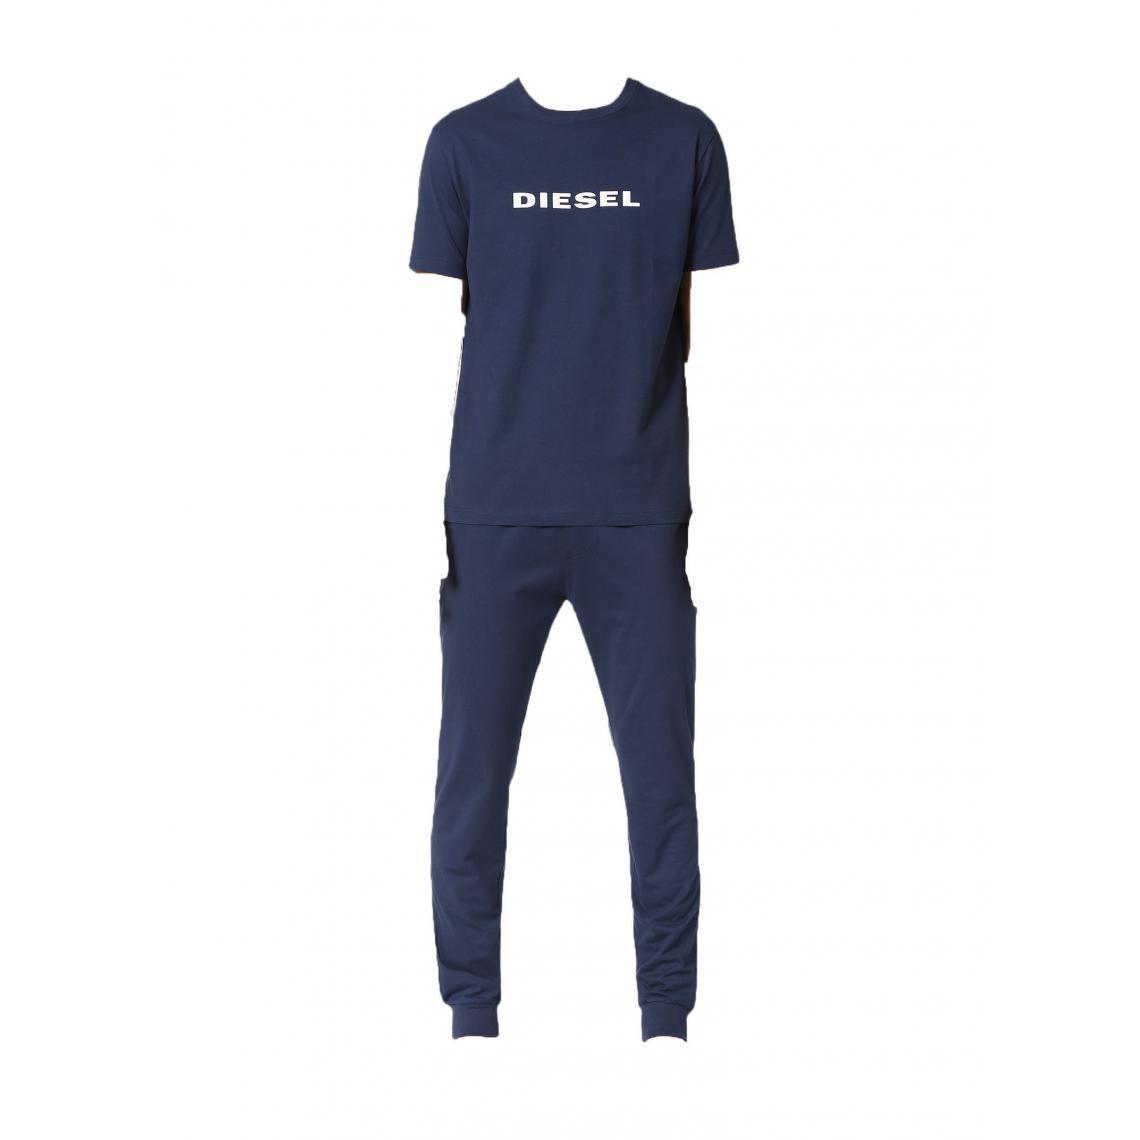 Pyjama - Diesel Underwear - Modalova